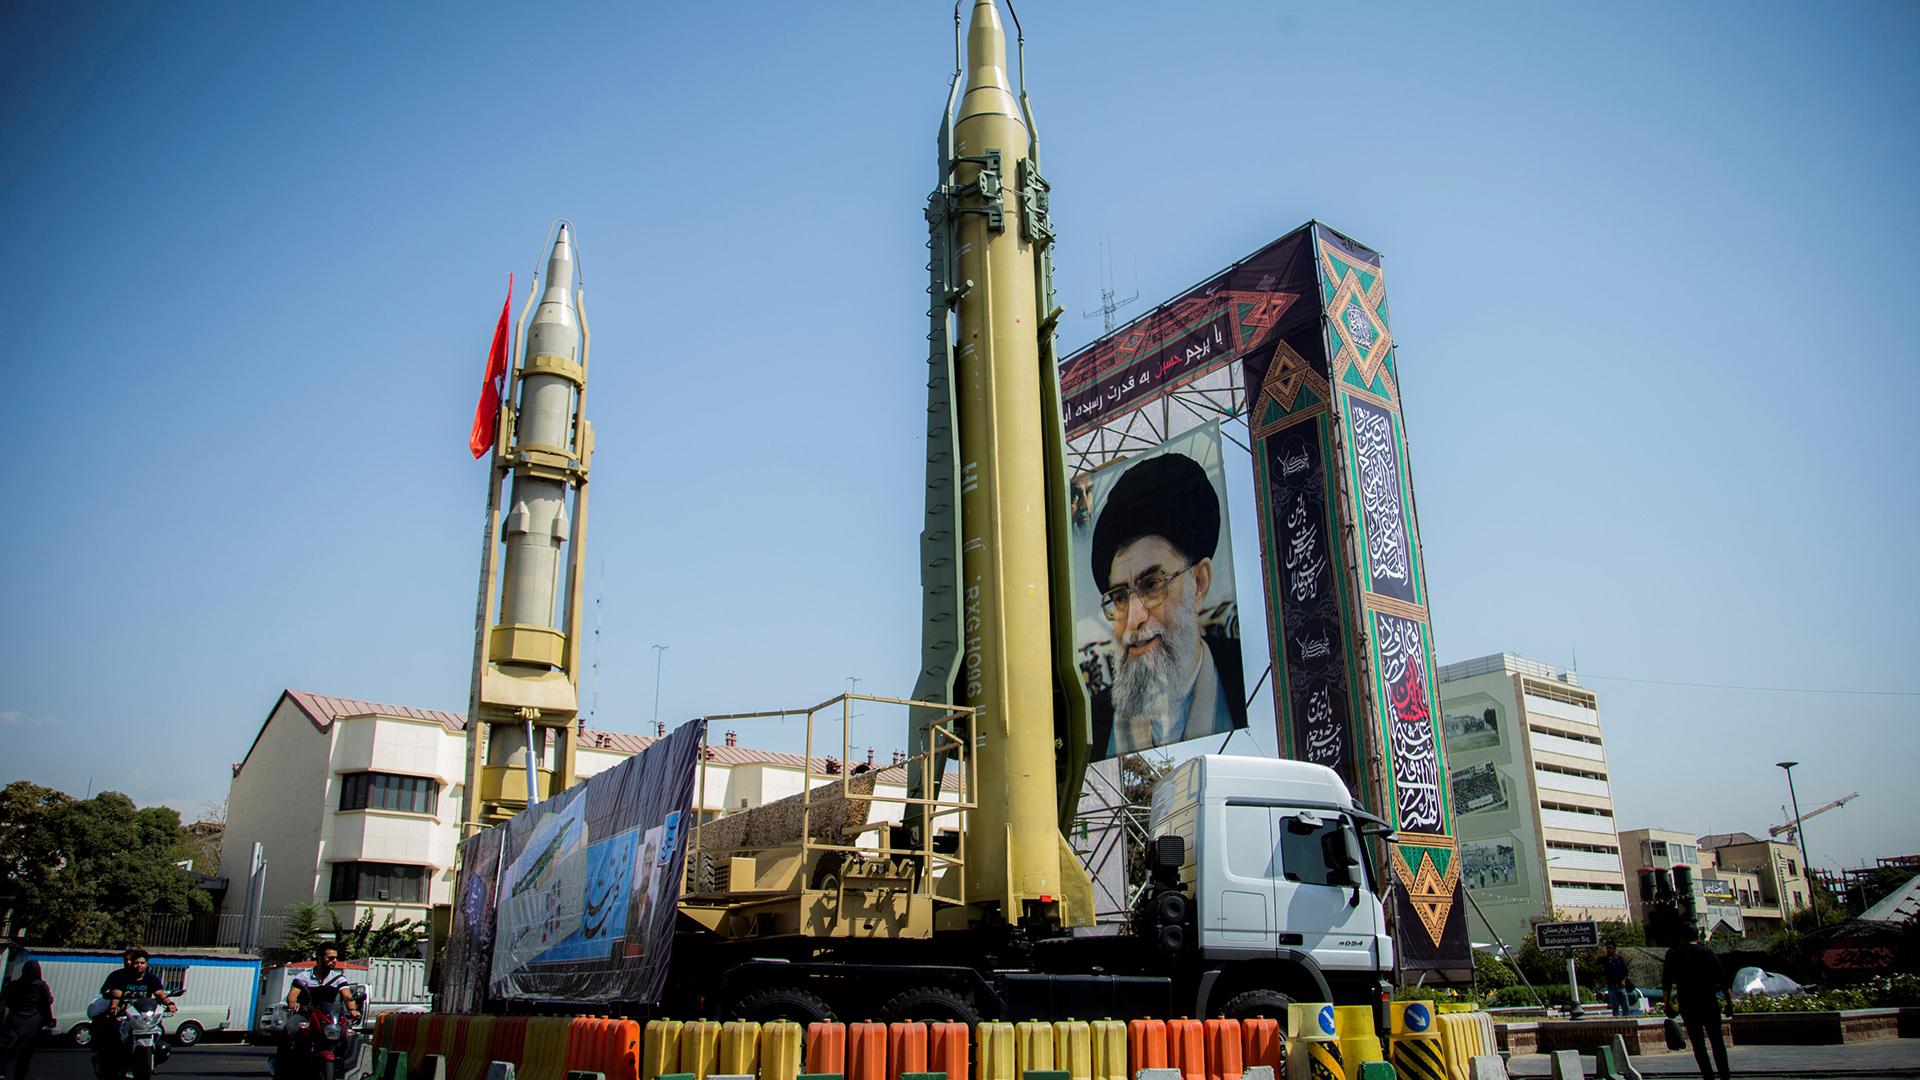 EEUU denunció que el régimen iraní tenía la intención de atacar intereses norteamericanos en Medio Oriente (Nazanin Tabatabaee Yazdi/TIMA via REUTERS)